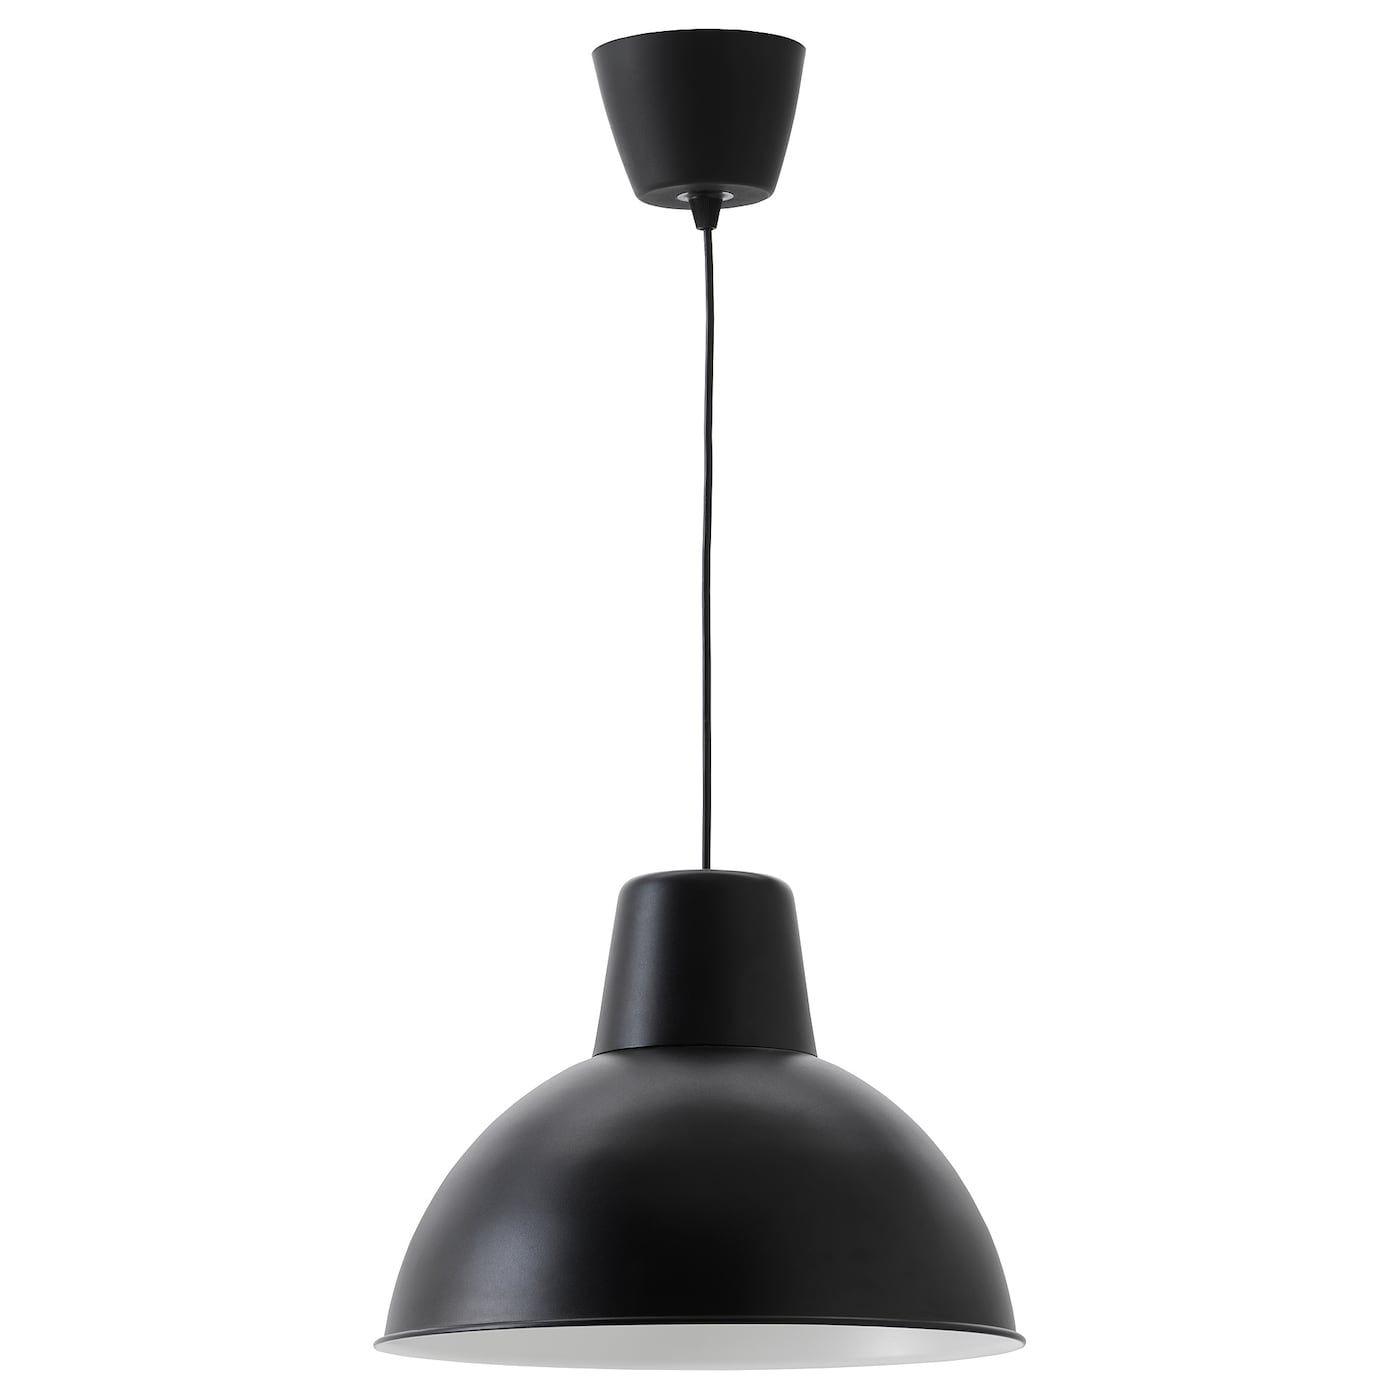 RANARP Taklampa, svart, 38 cm IKEA